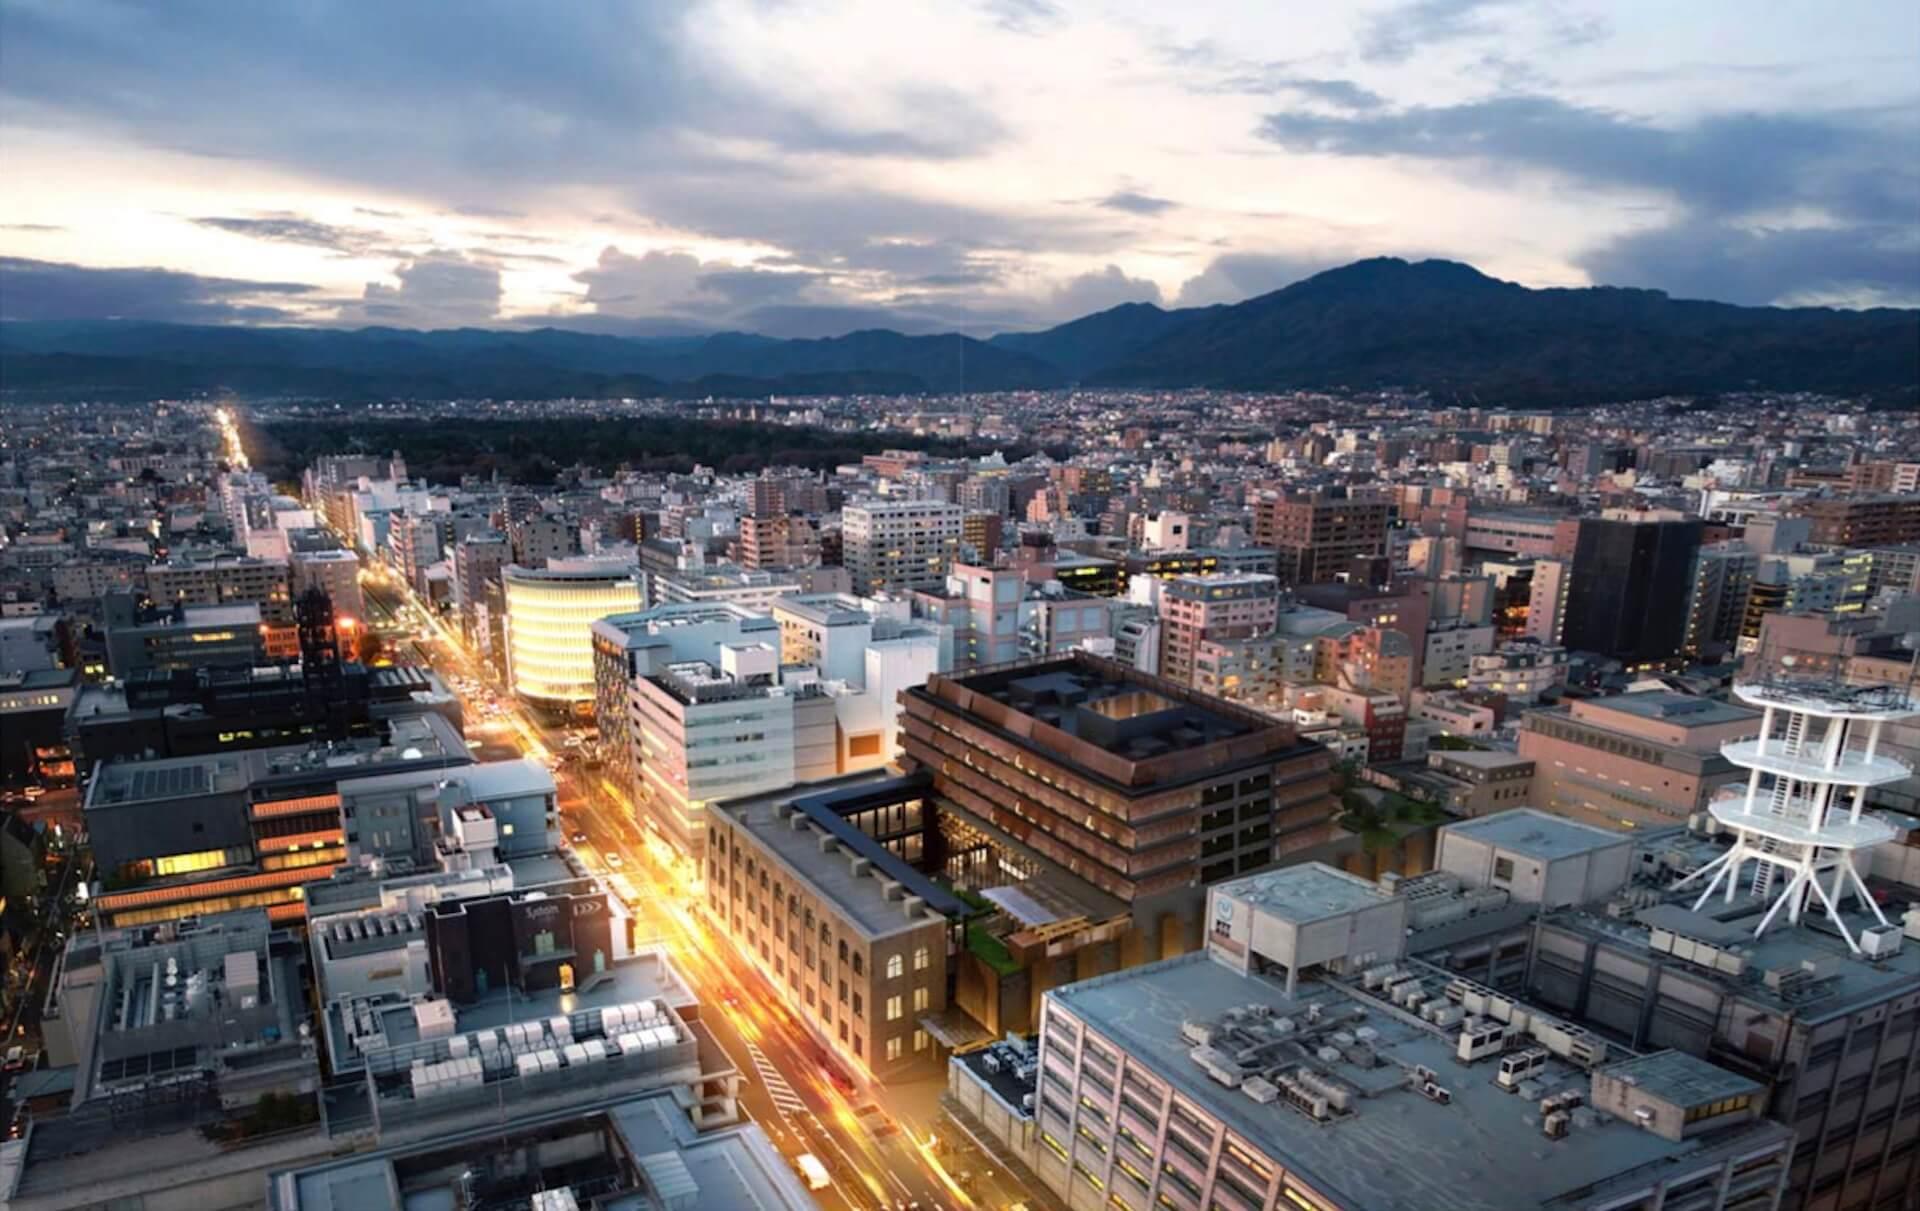 エースホテル京都の開業日が4月16日に決定!隈研吾とコミューンデザインが手掛けた新風館内にオープン lf200128_acehotelkyoto_03